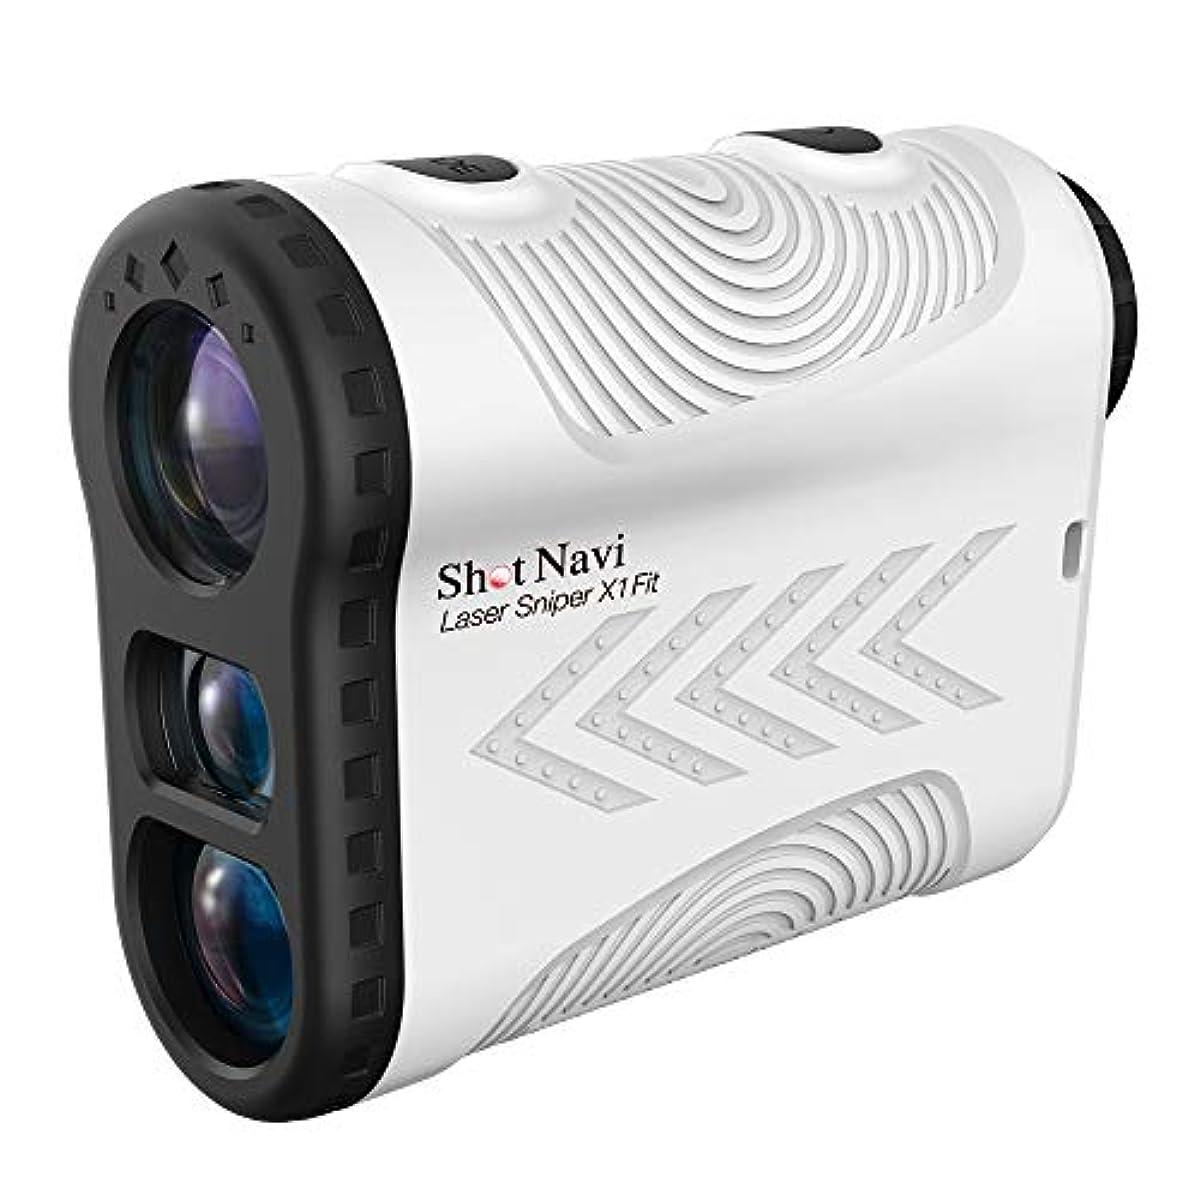 [해외] 쇼트 네비 LASER SNIPER X1 FIT(레이저 스나이퍼) [레이저 거리 계측기]/SHOT NAVI (화이트)